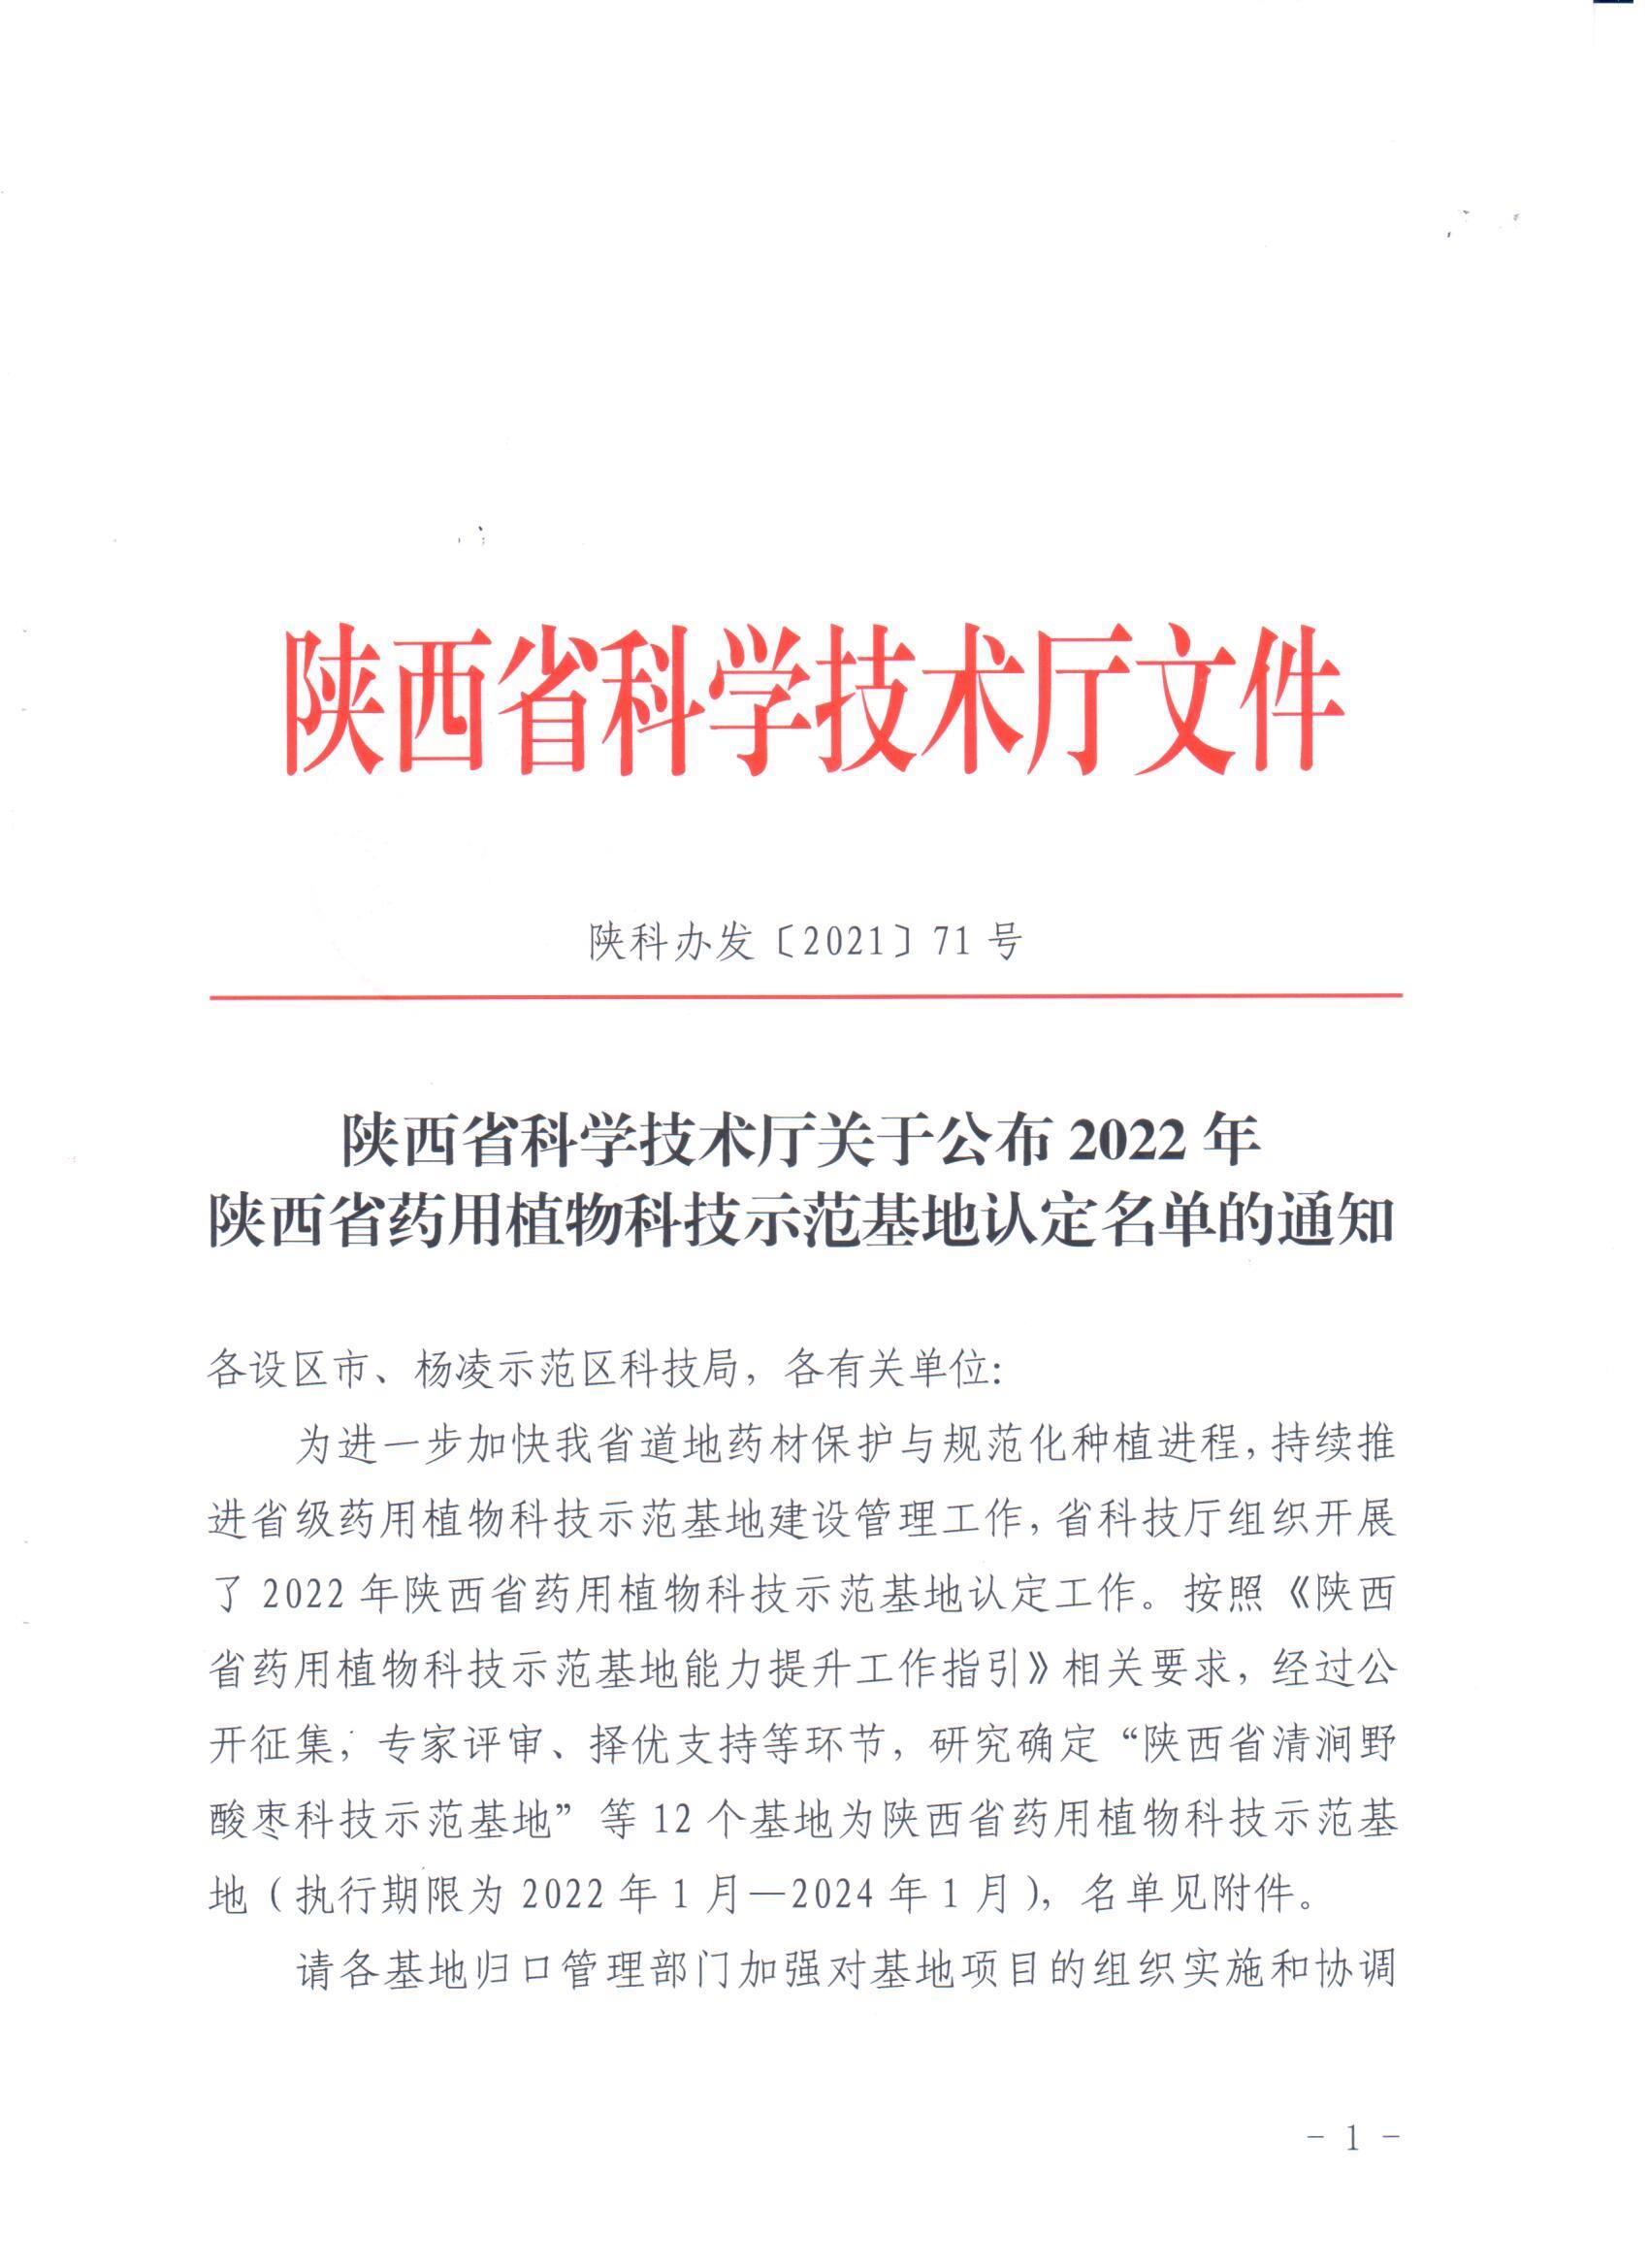 陕西省药用植物科技示范基地认定公布